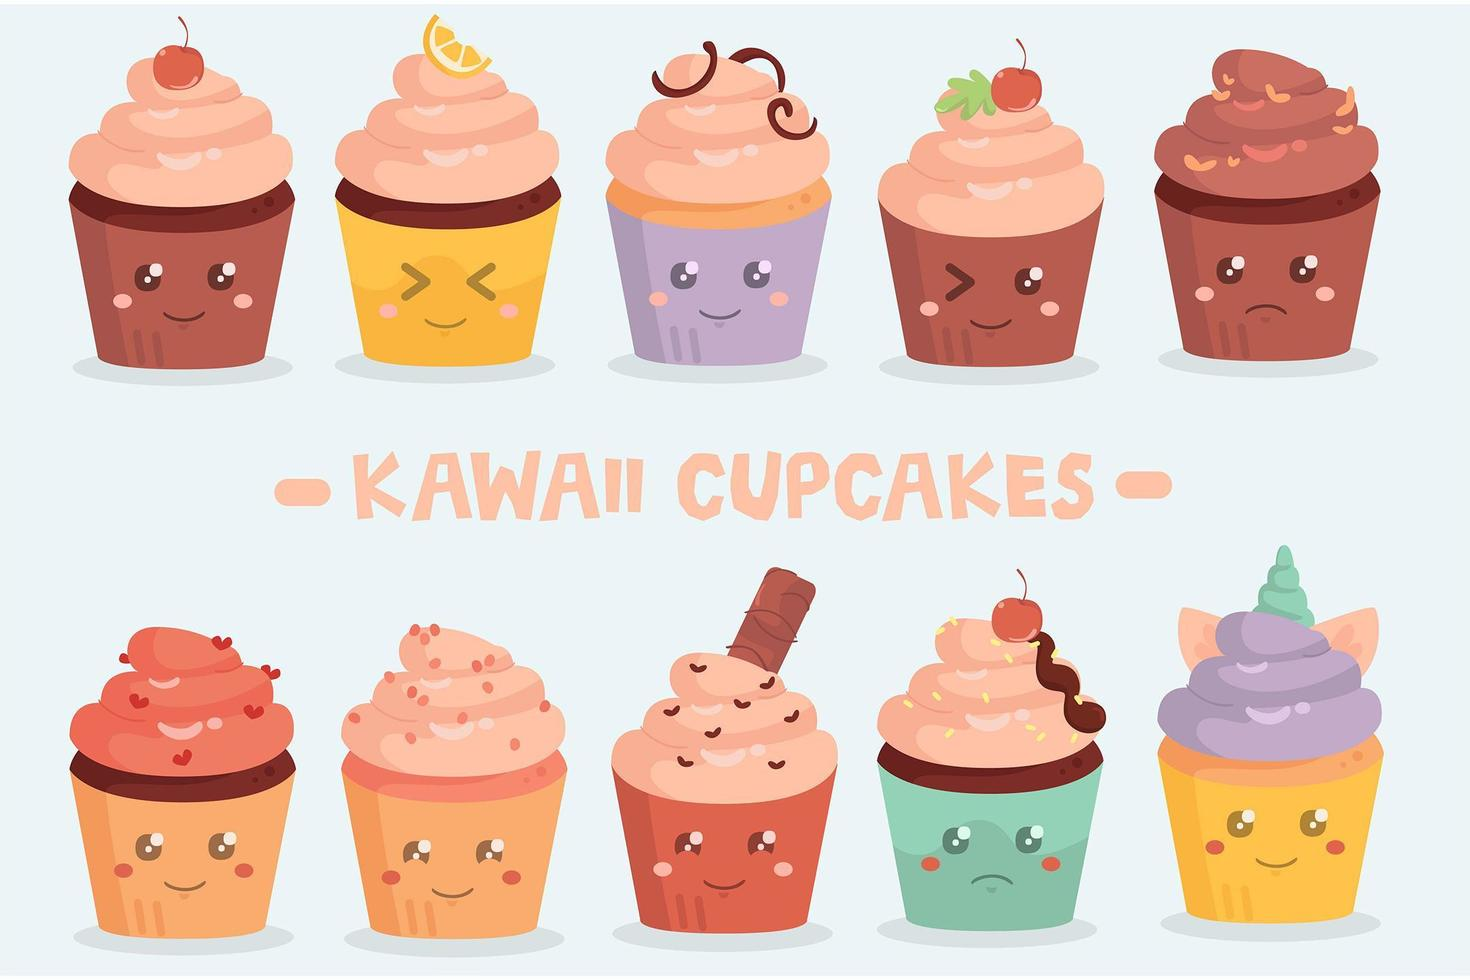 confezione di cupcakes kawaii vettore